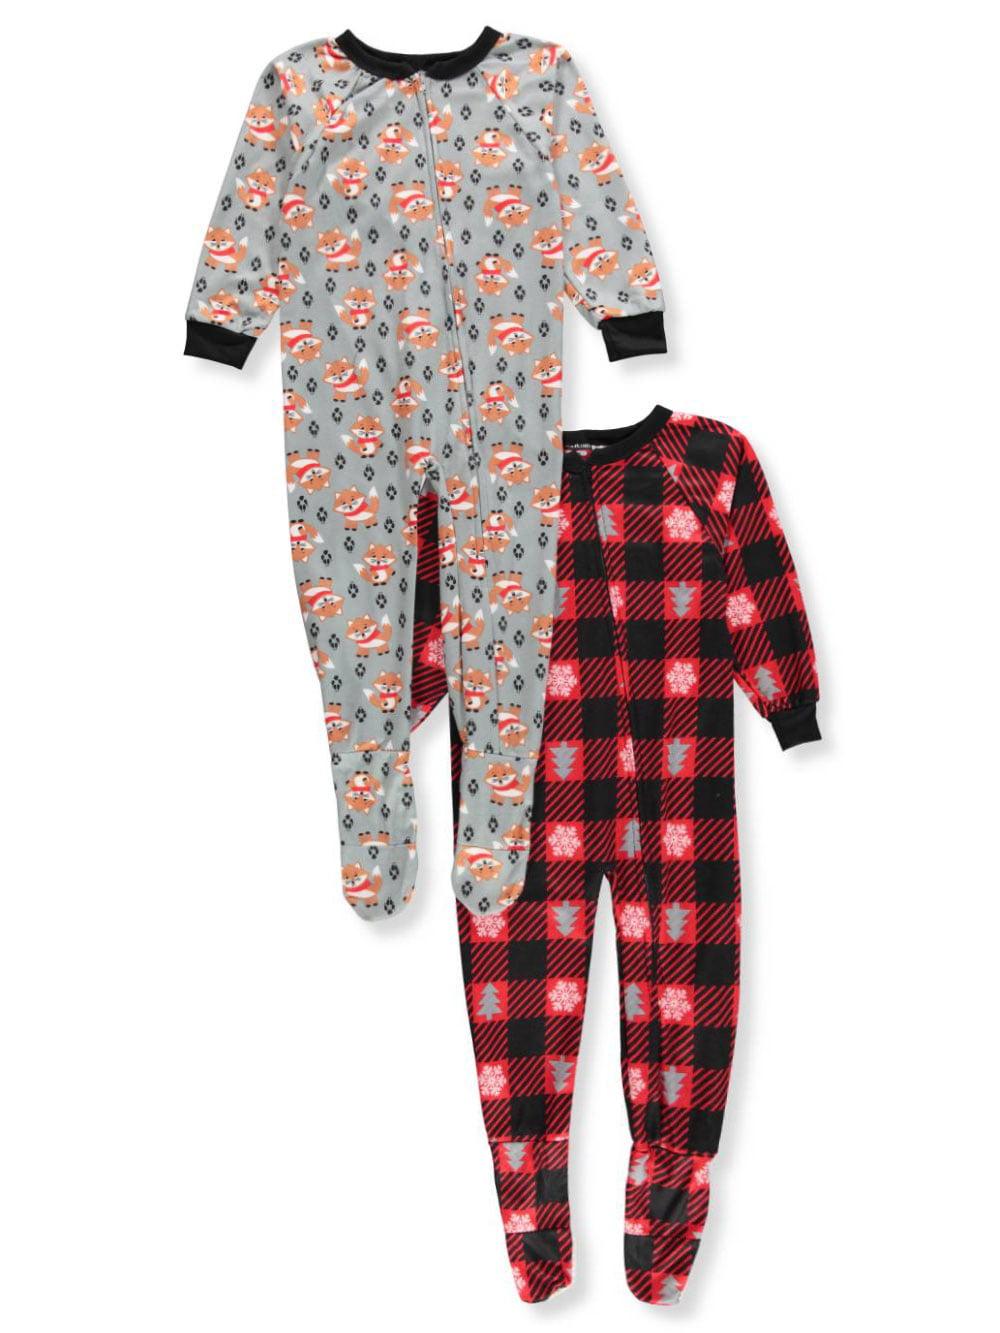 Mac Henry Boys' 2-Pack 1-Piece Footed Pajamas